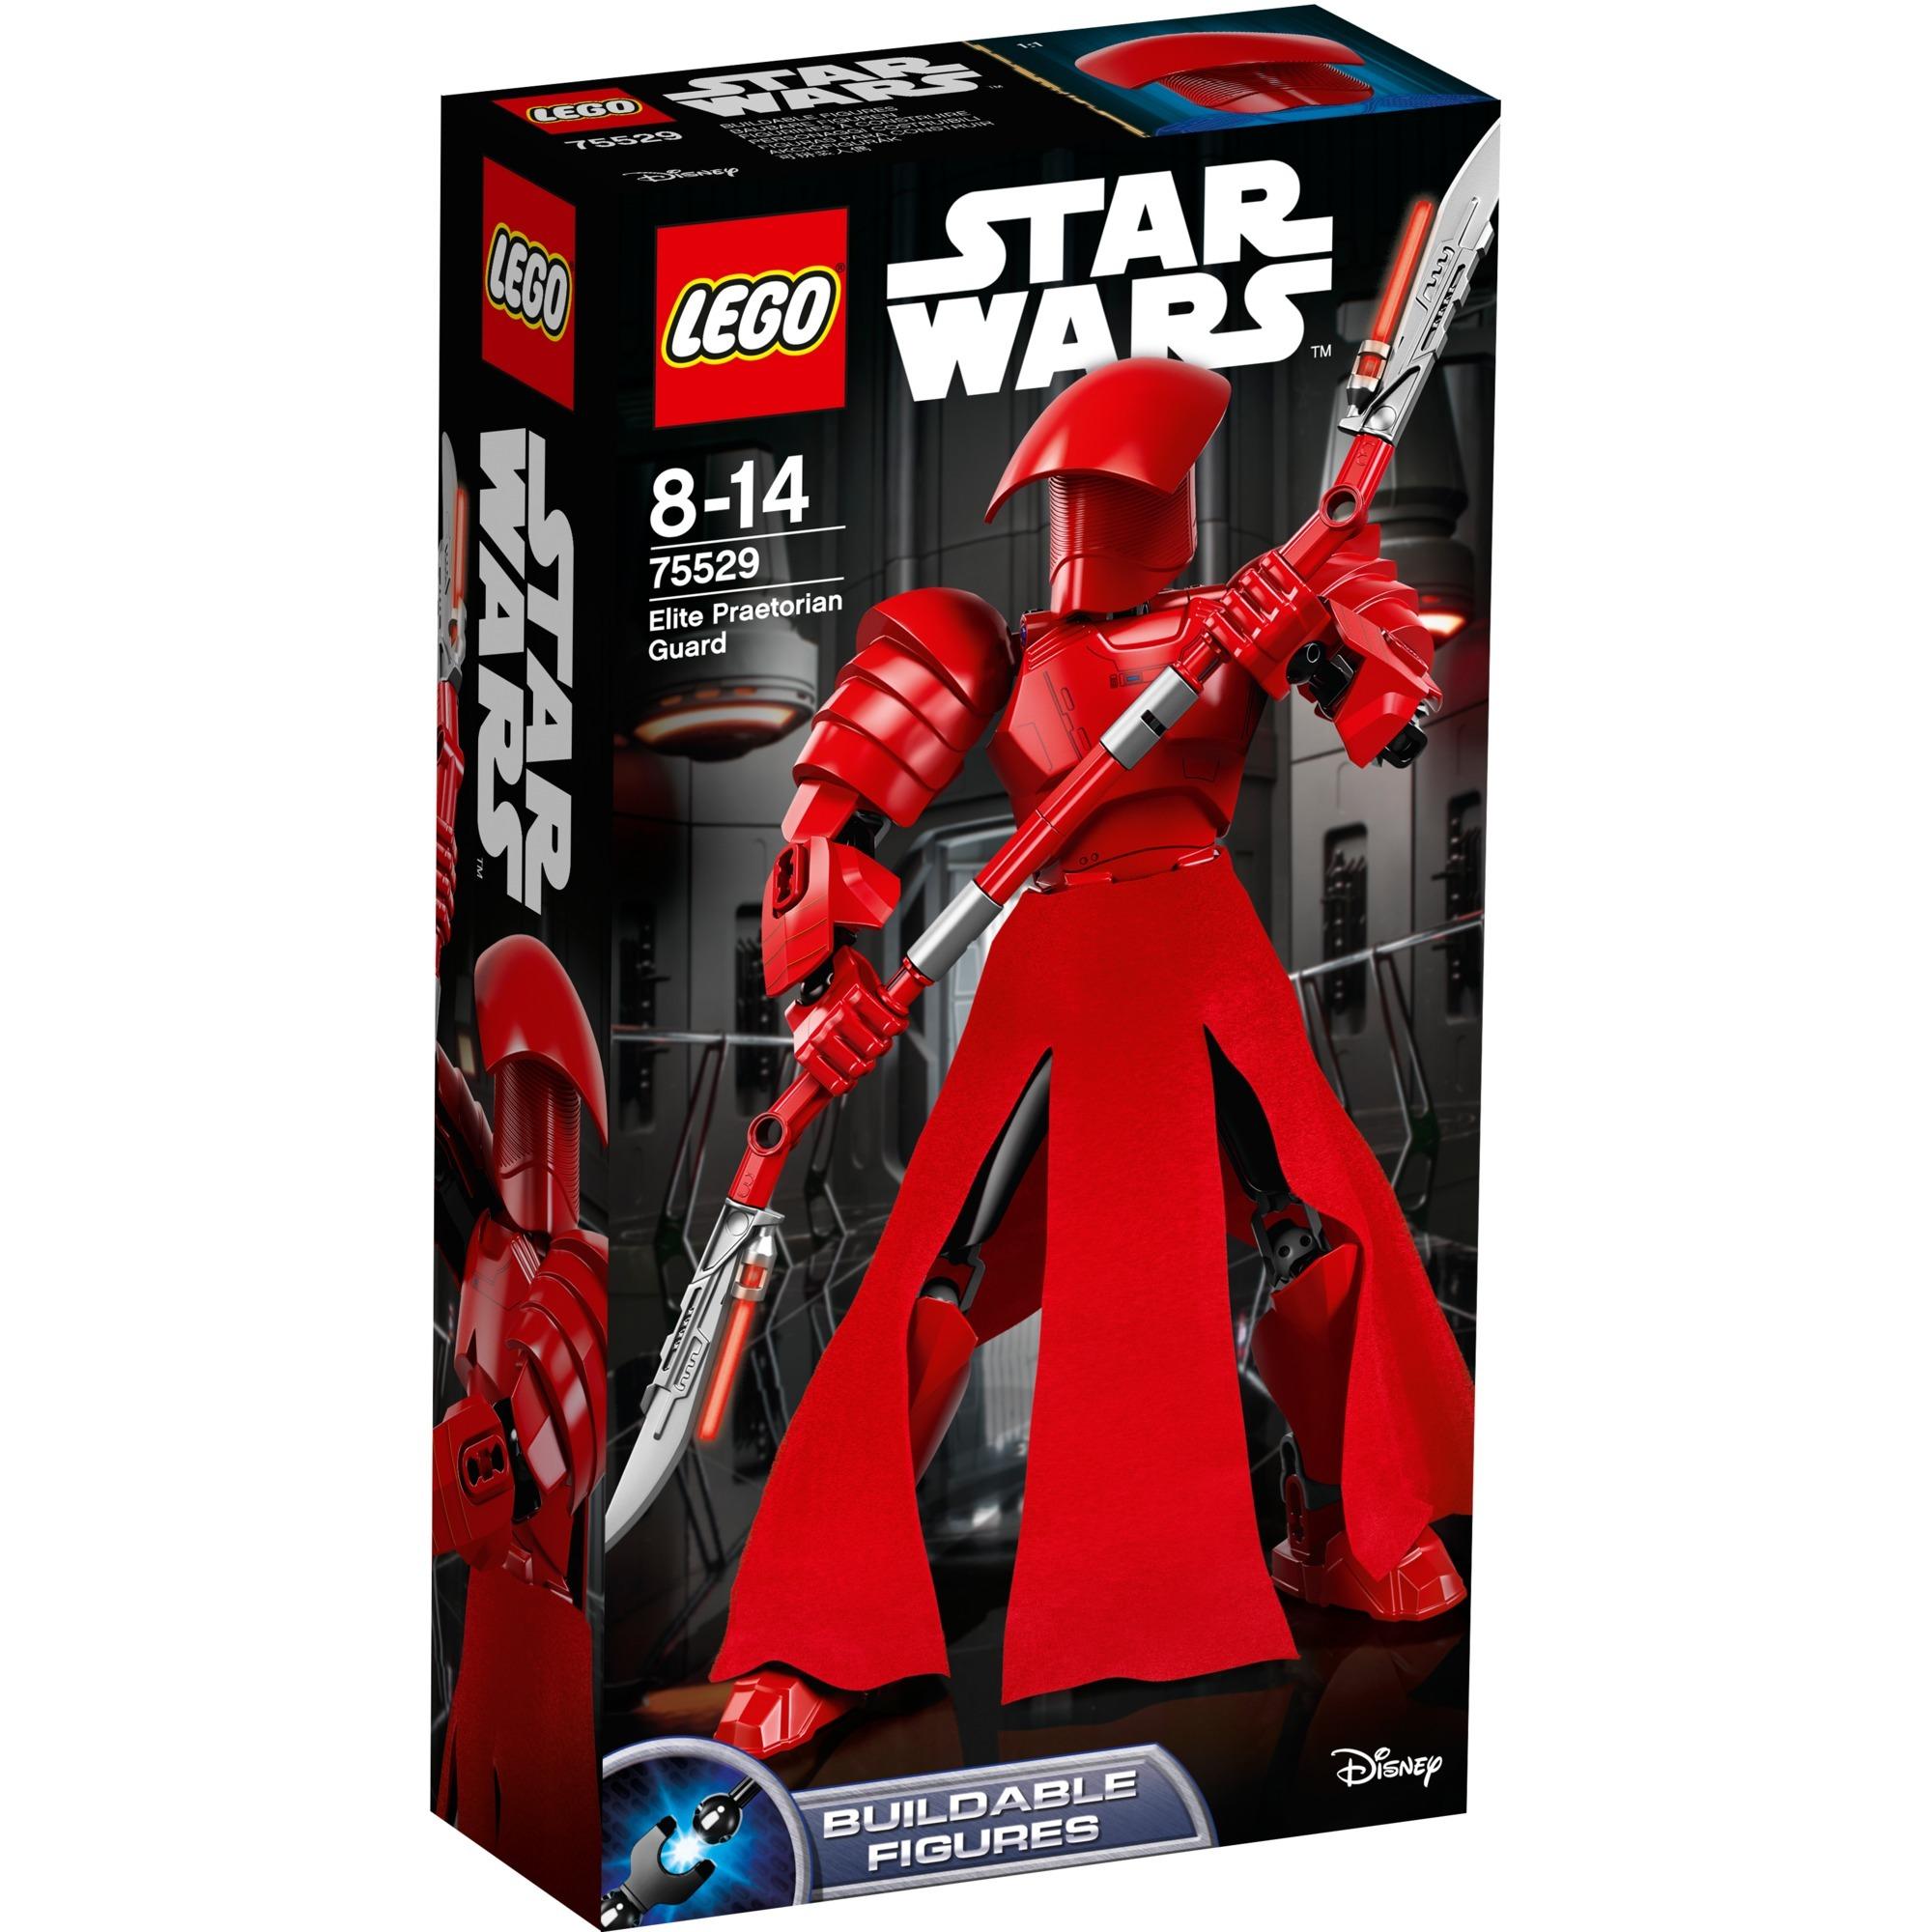 Star Wars - Elite Praetorian Guard, Jouets de construction